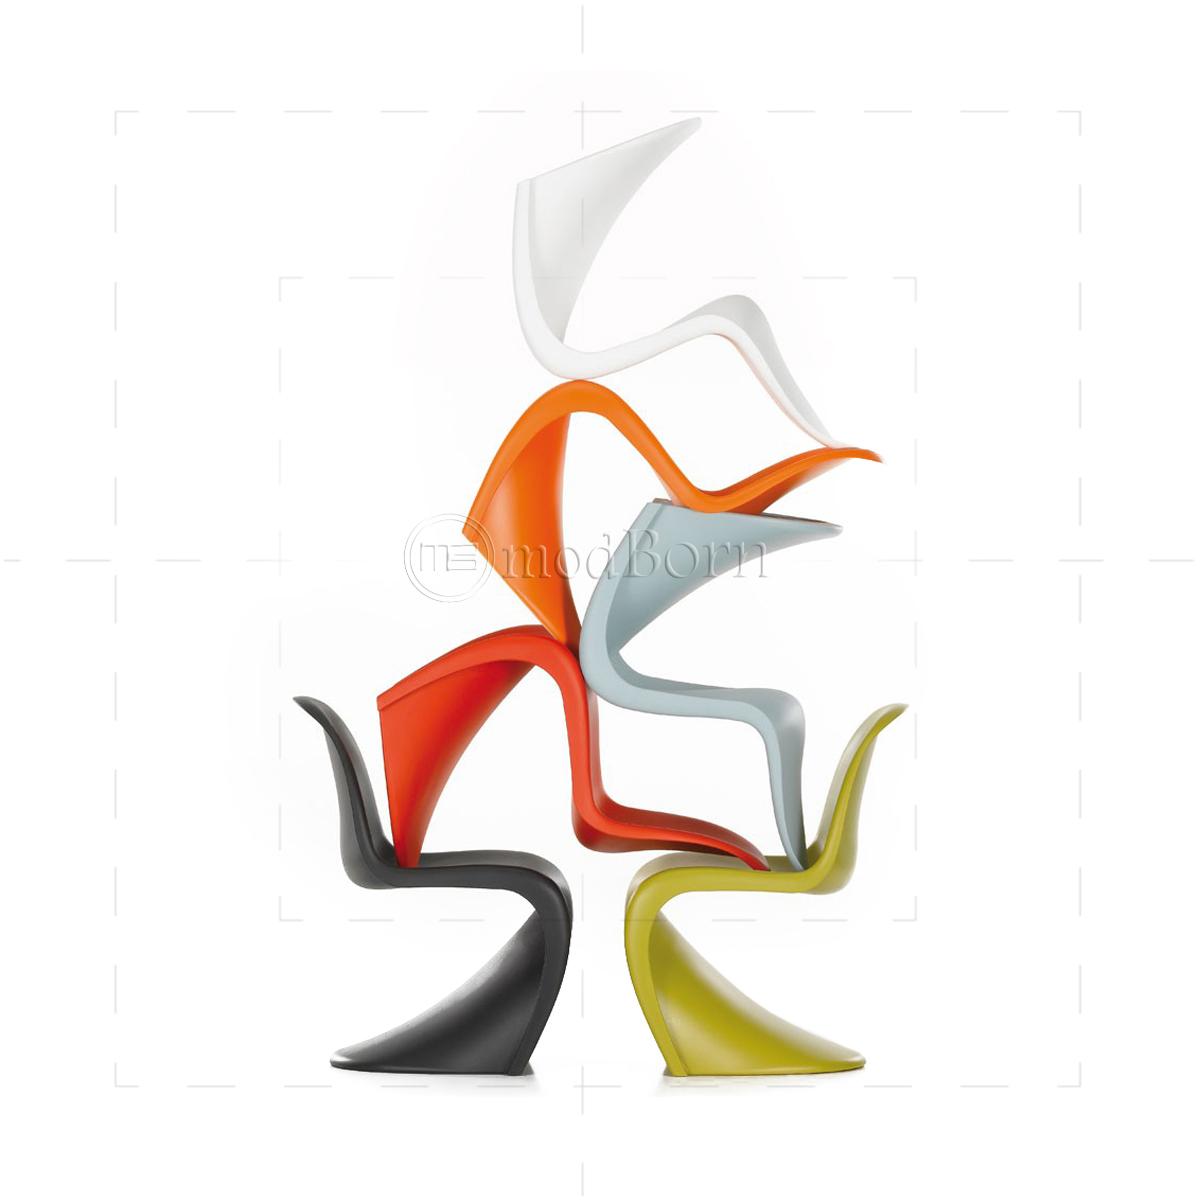 verner panton chair white. Black Bedroom Furniture Sets. Home Design Ideas